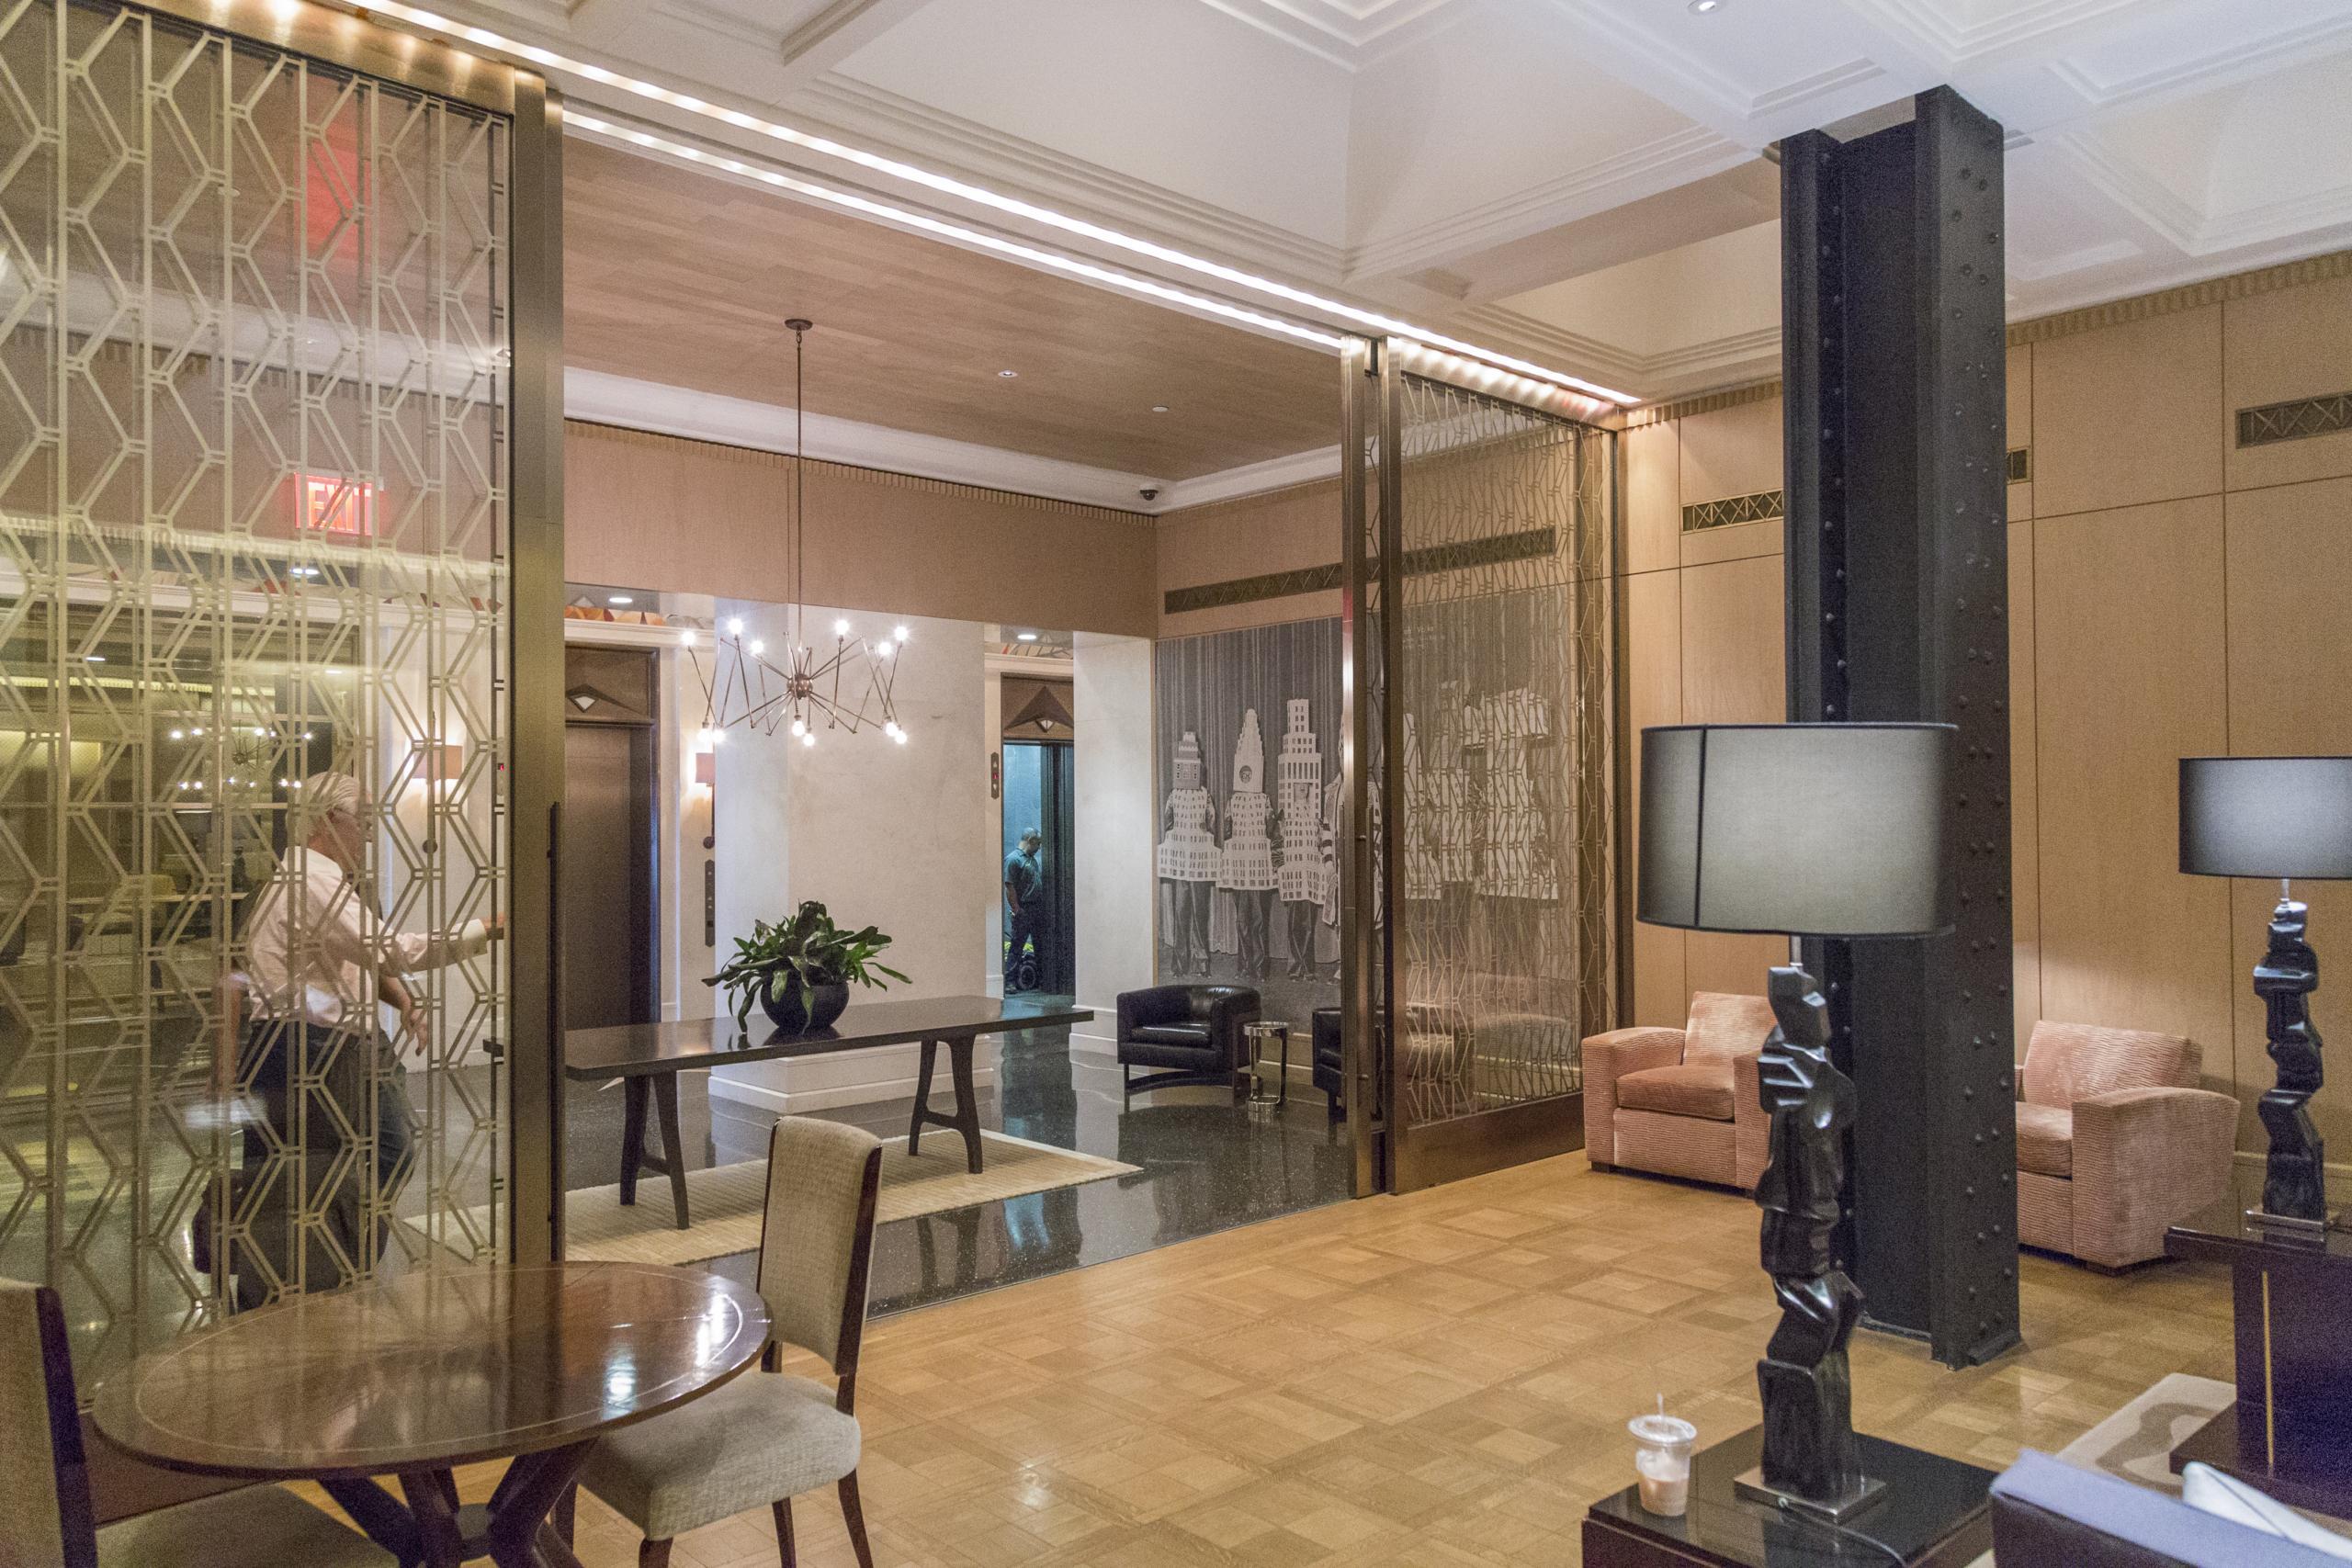 Custom interior glass sliding doors for the Walker Tower lobby.